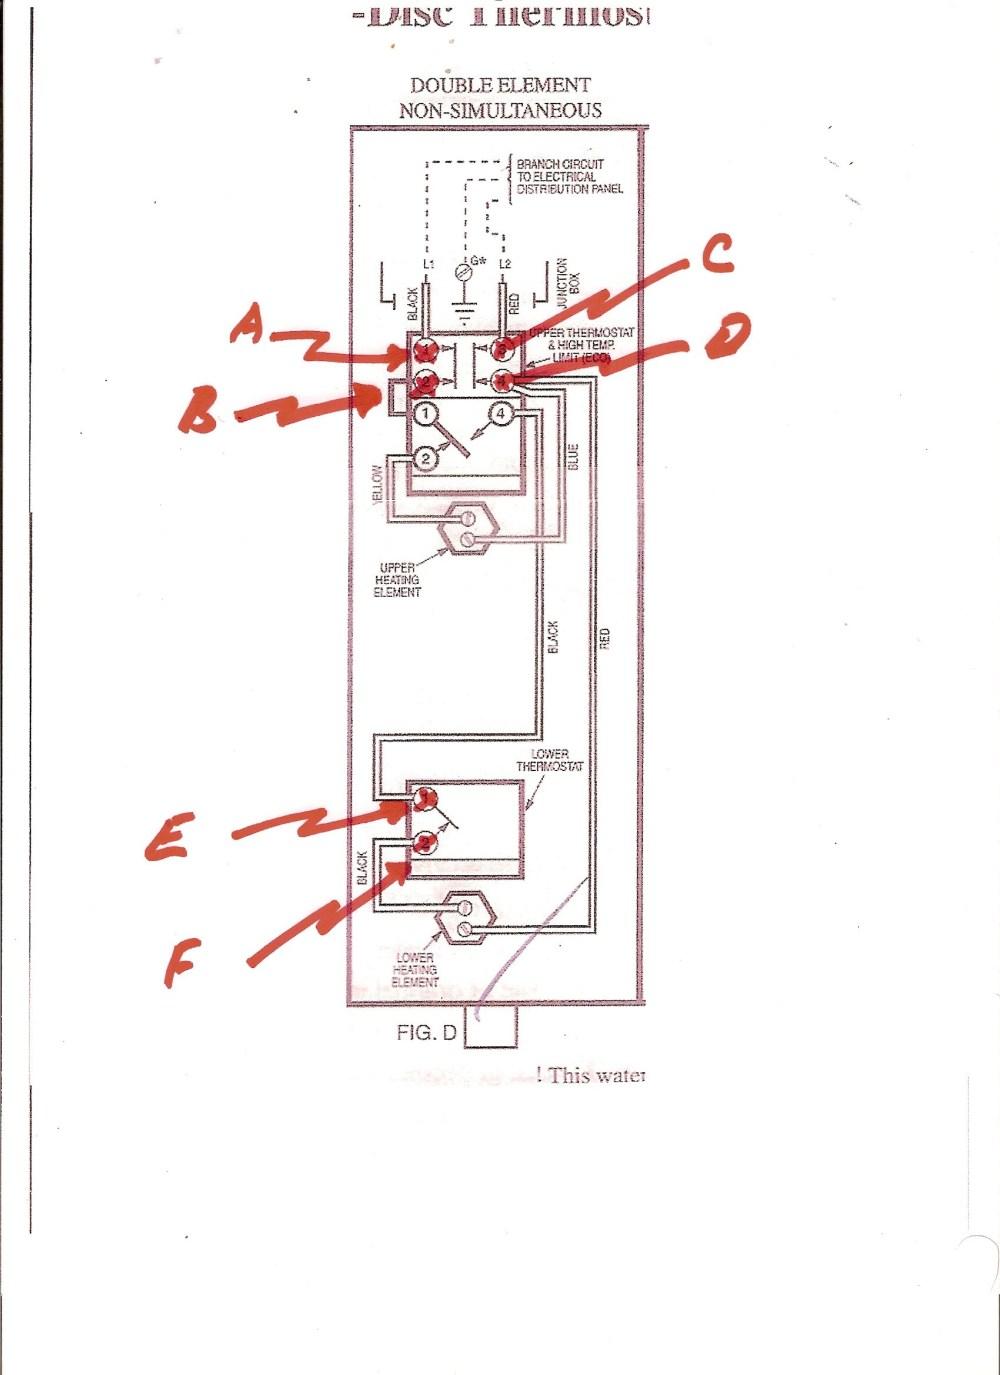 medium resolution of rheem hot water heater wiring diagram wiring diagram rheem rterheem hot water heater wiring diagram wiring